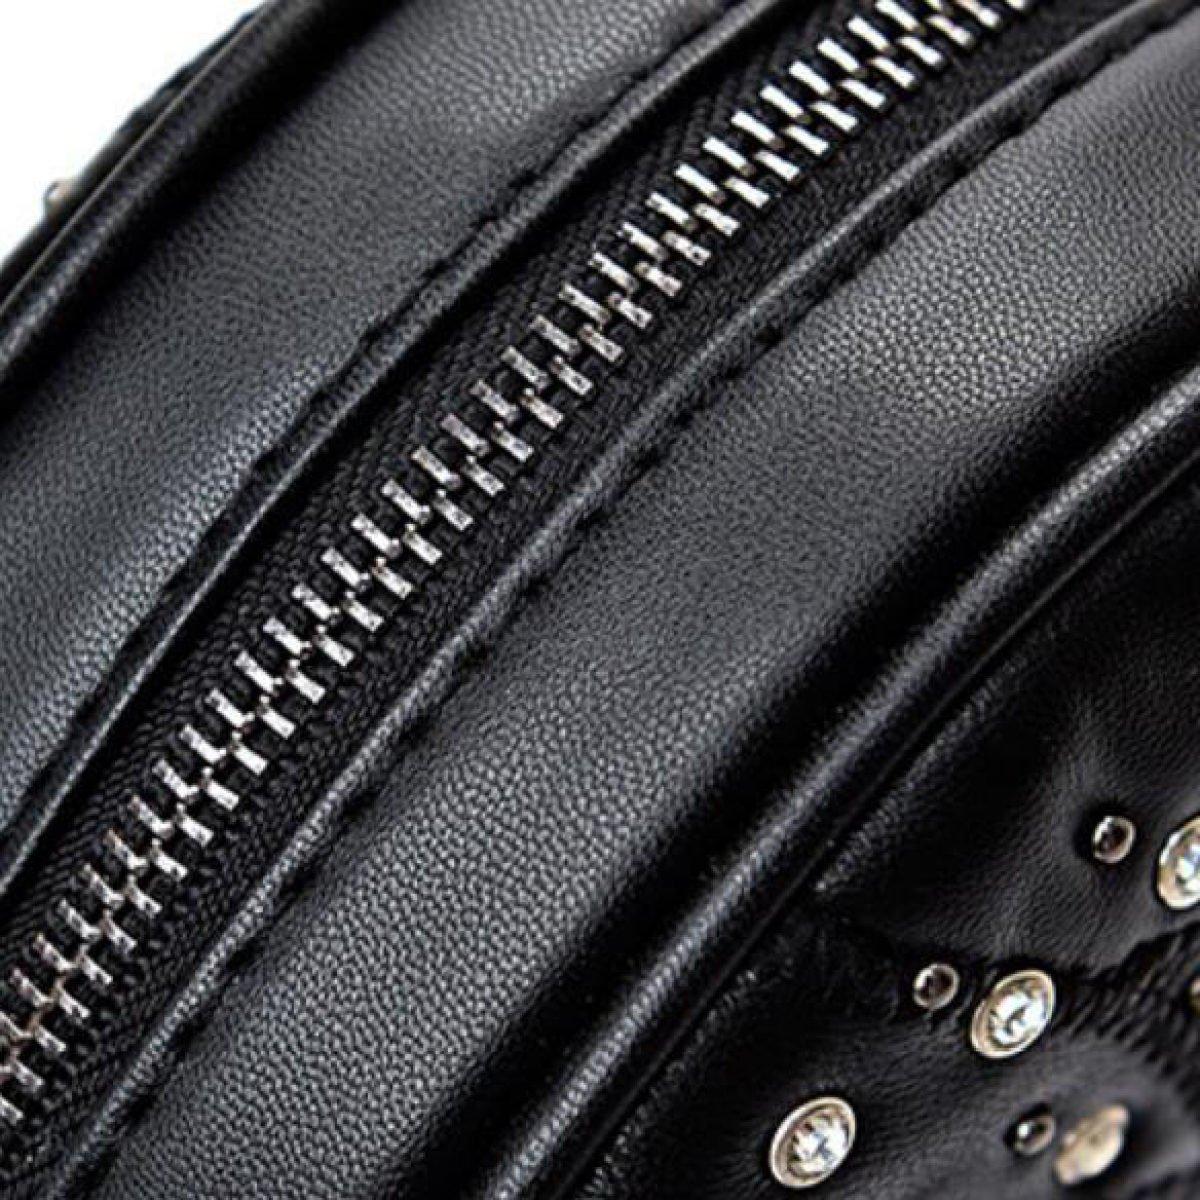 1b6299f46d Nuova Borsa A Tracolla Di Cuoio Alla Moda Trendy Borsa Nera Piccola Borsa  Rotonda,Black-OneSize: Amazon.it: Abbigliamento